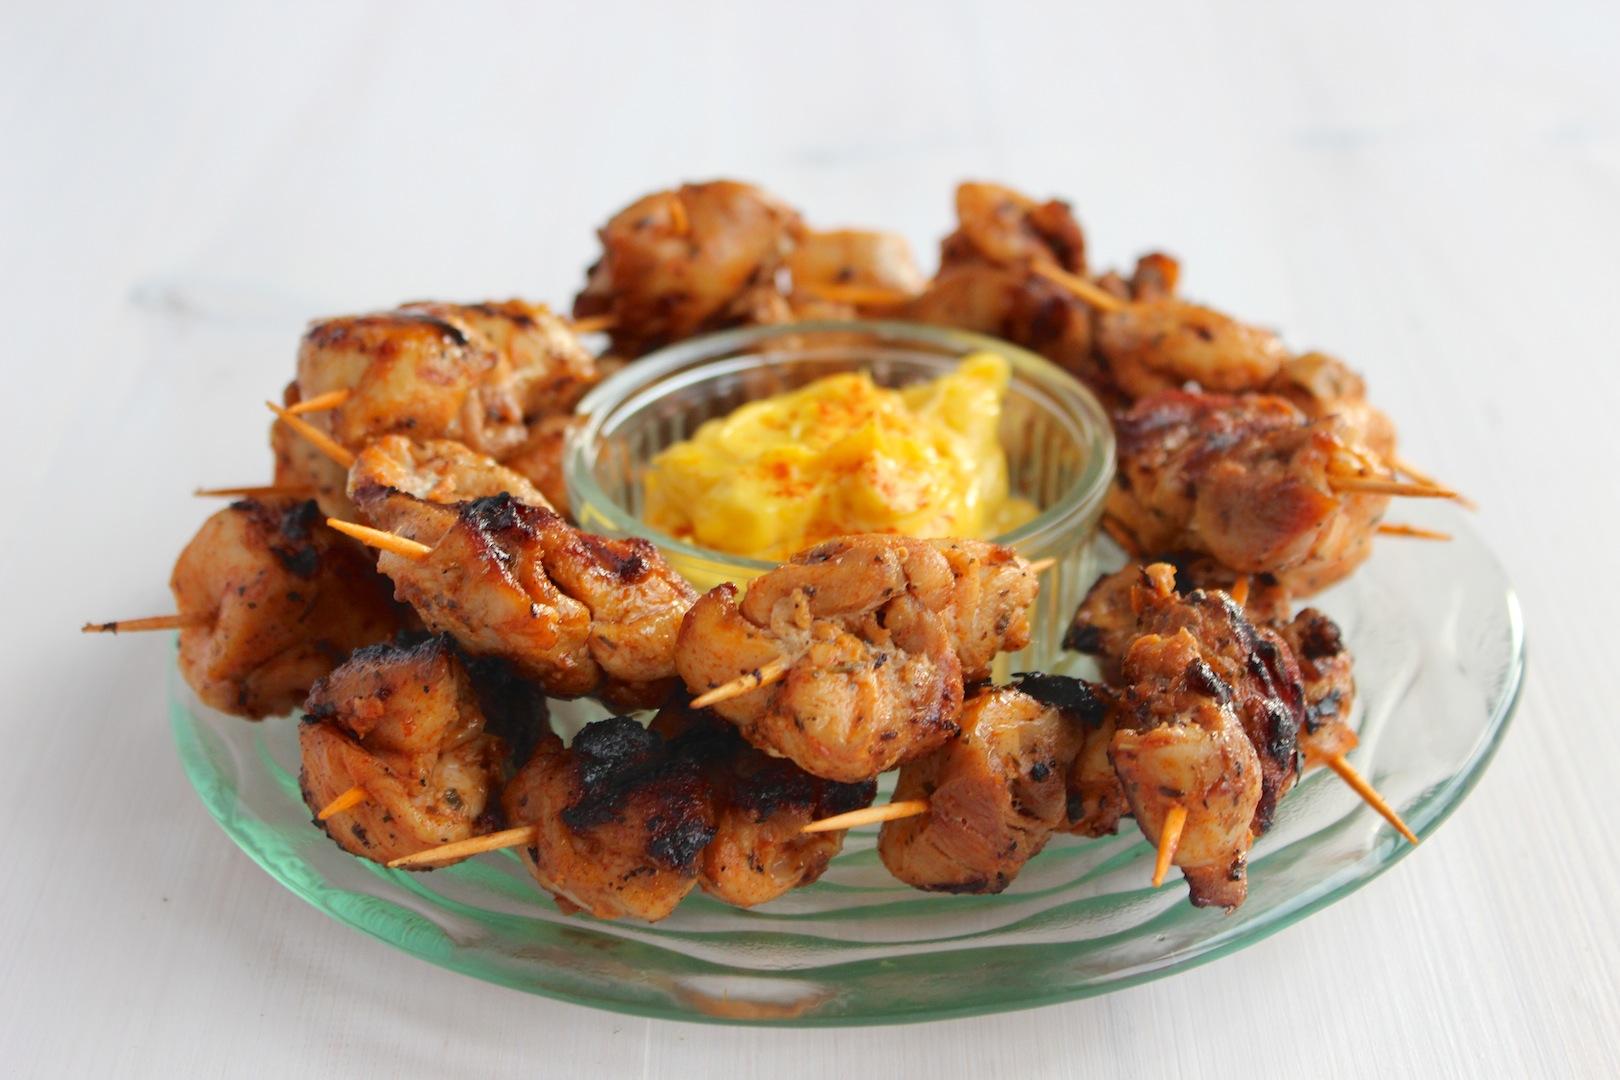 Mini szaszłyczki z kurczaka 2